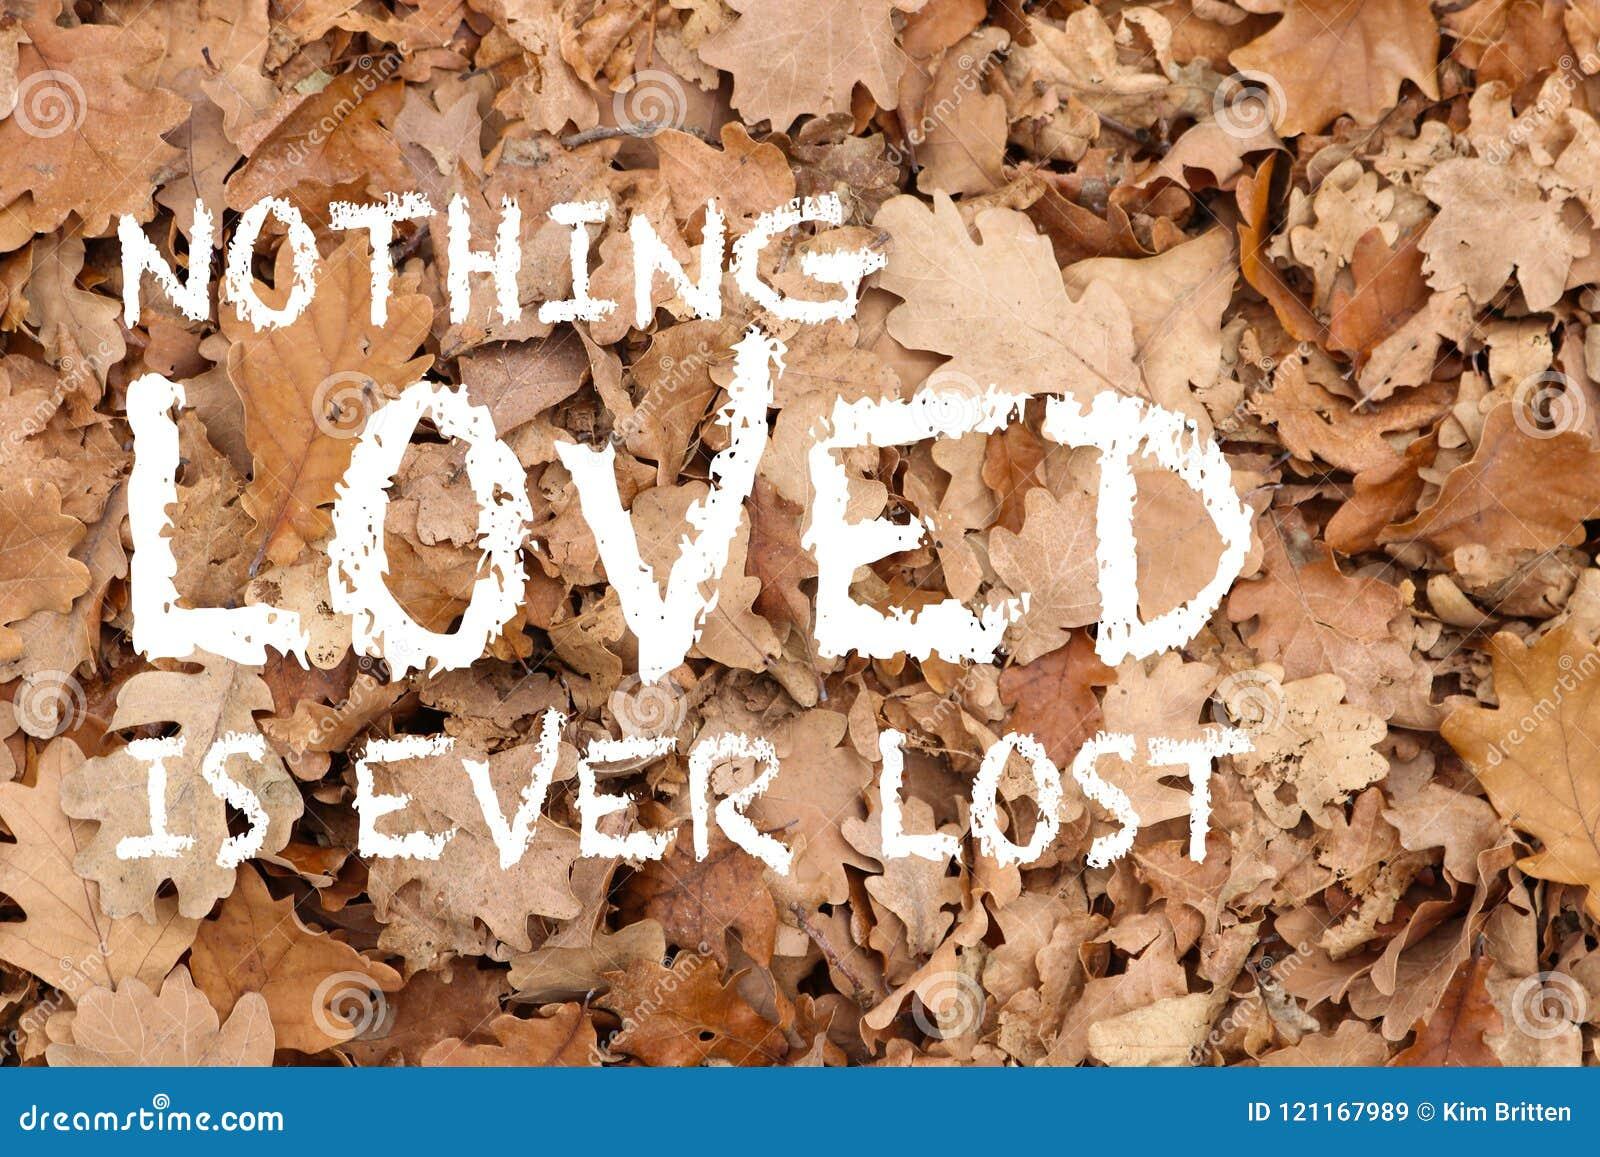 Niente di amato è mai citazione persa sul fondo strutturato foglie della quercia